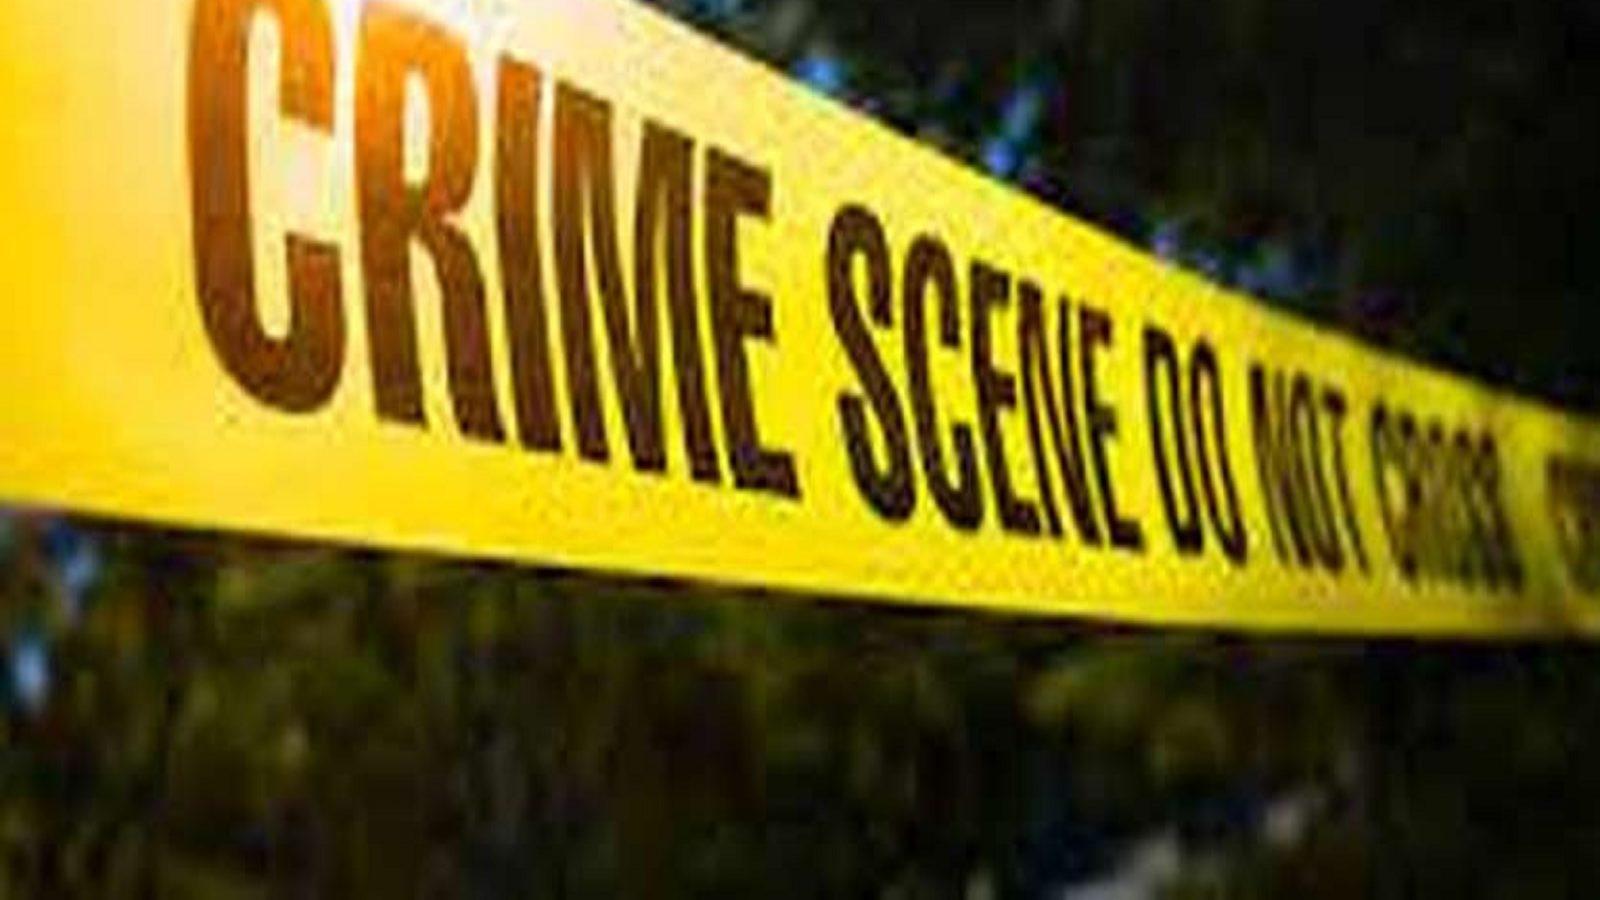 Siwan News: लूट का विरोध करने पर दो लोगों को चाकू से गोदा, एक की मौके पर मौत